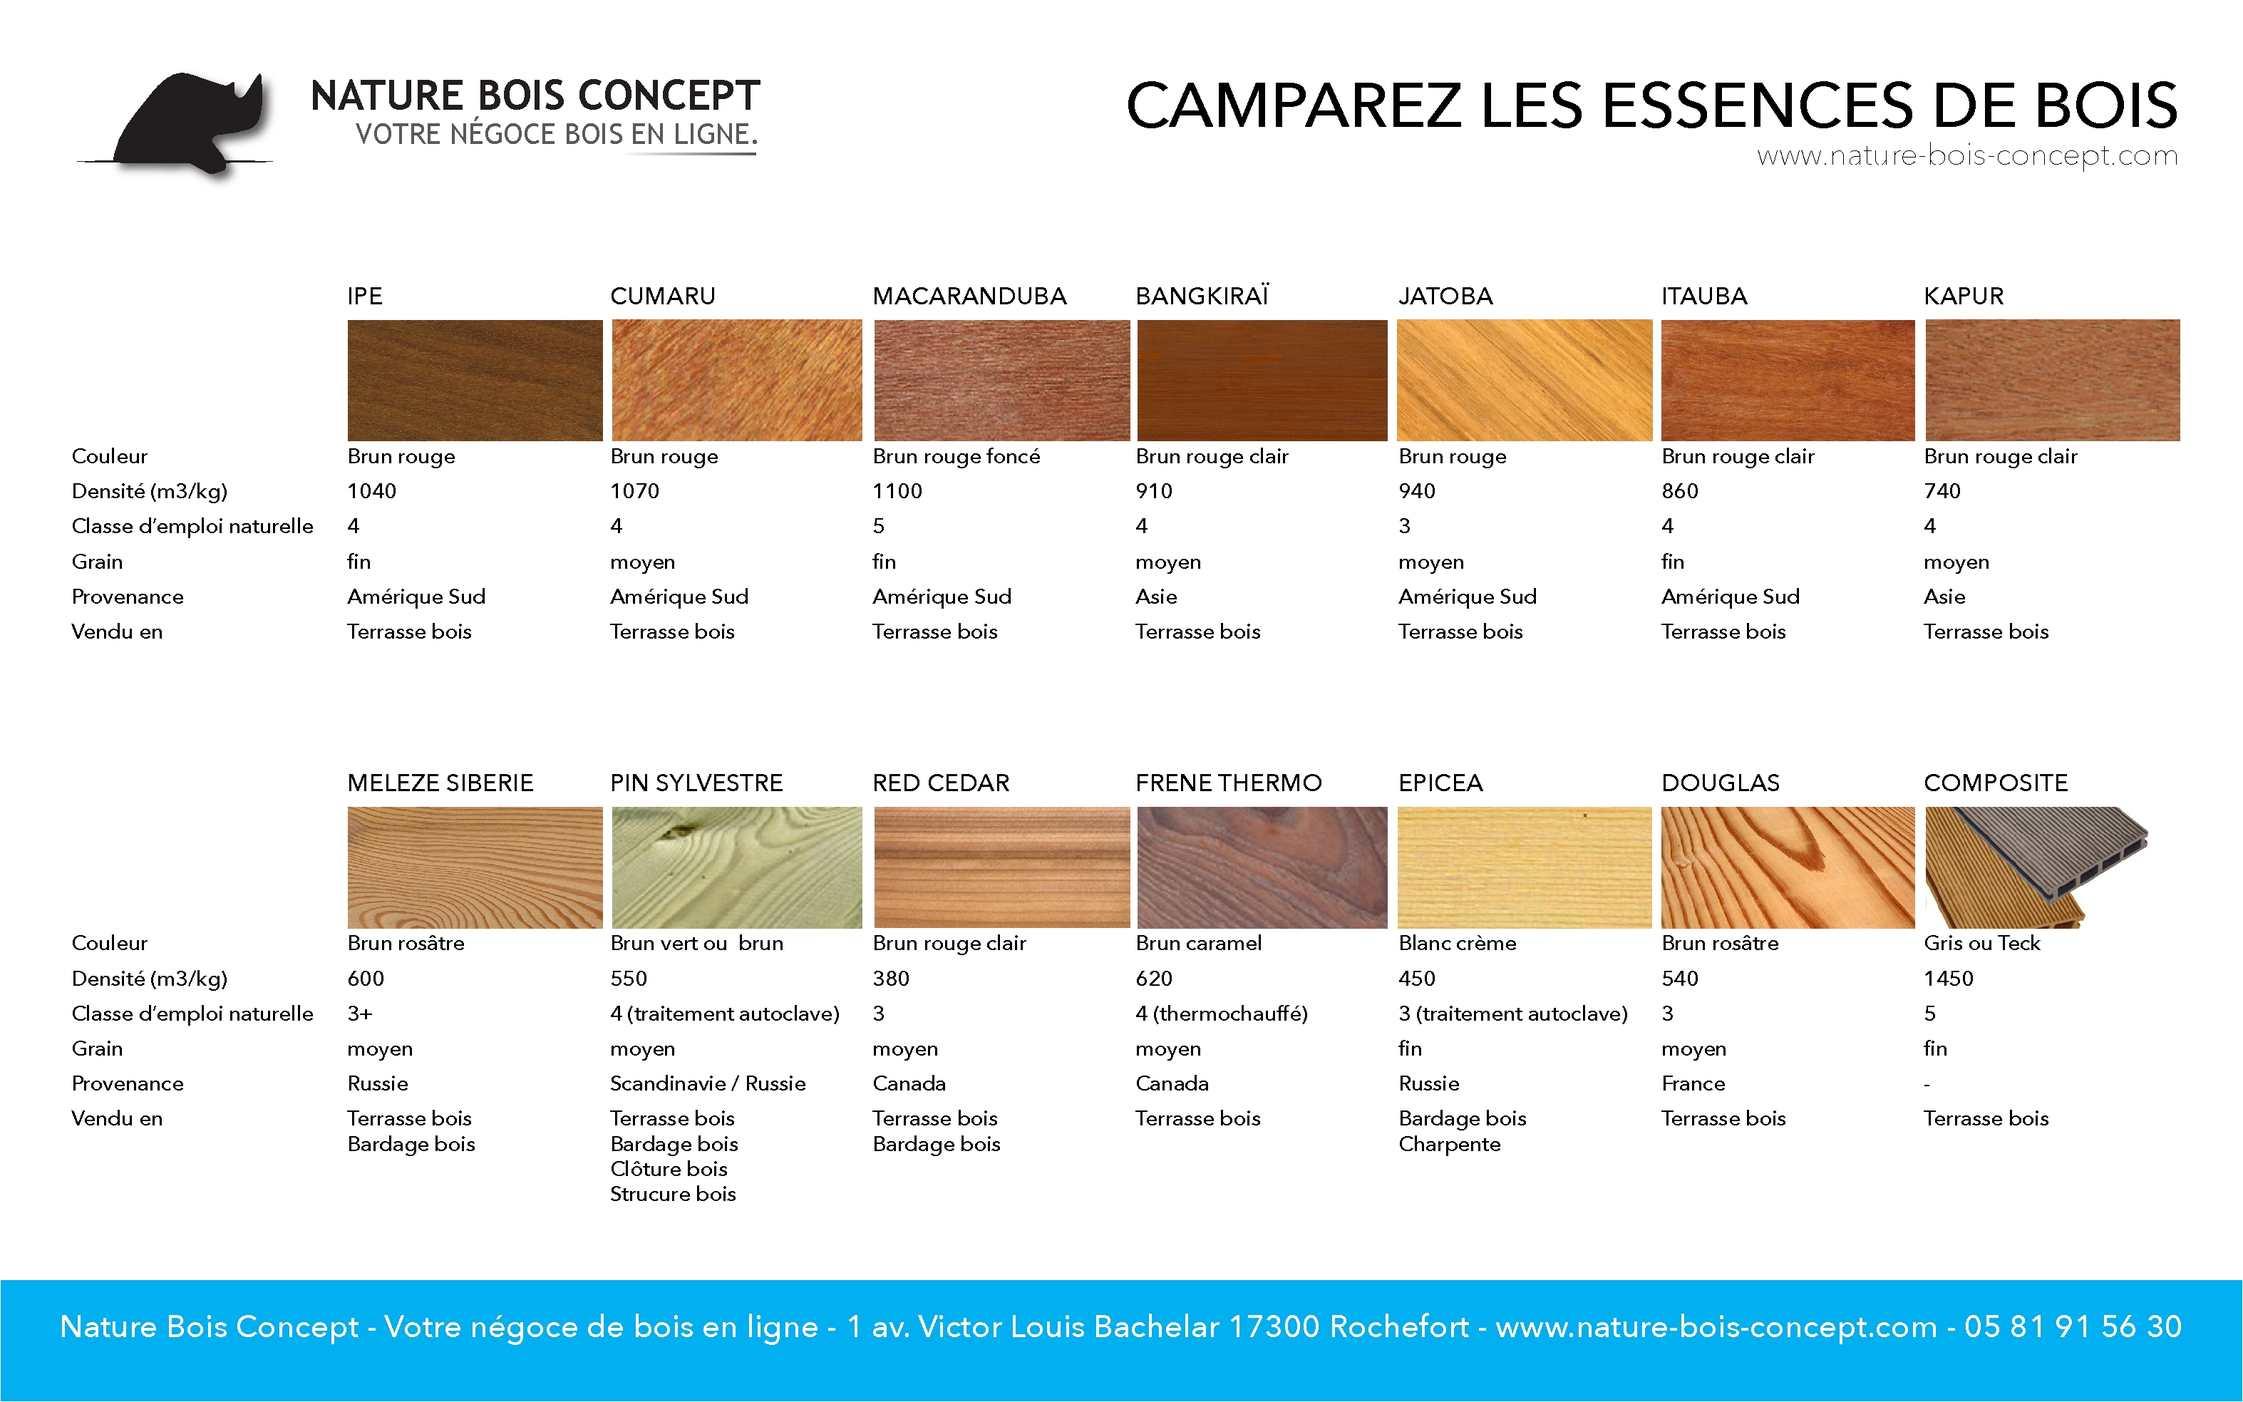 Calaméo Fiche Technique des essences de bois # Reconnaitre Les Essences De Bois